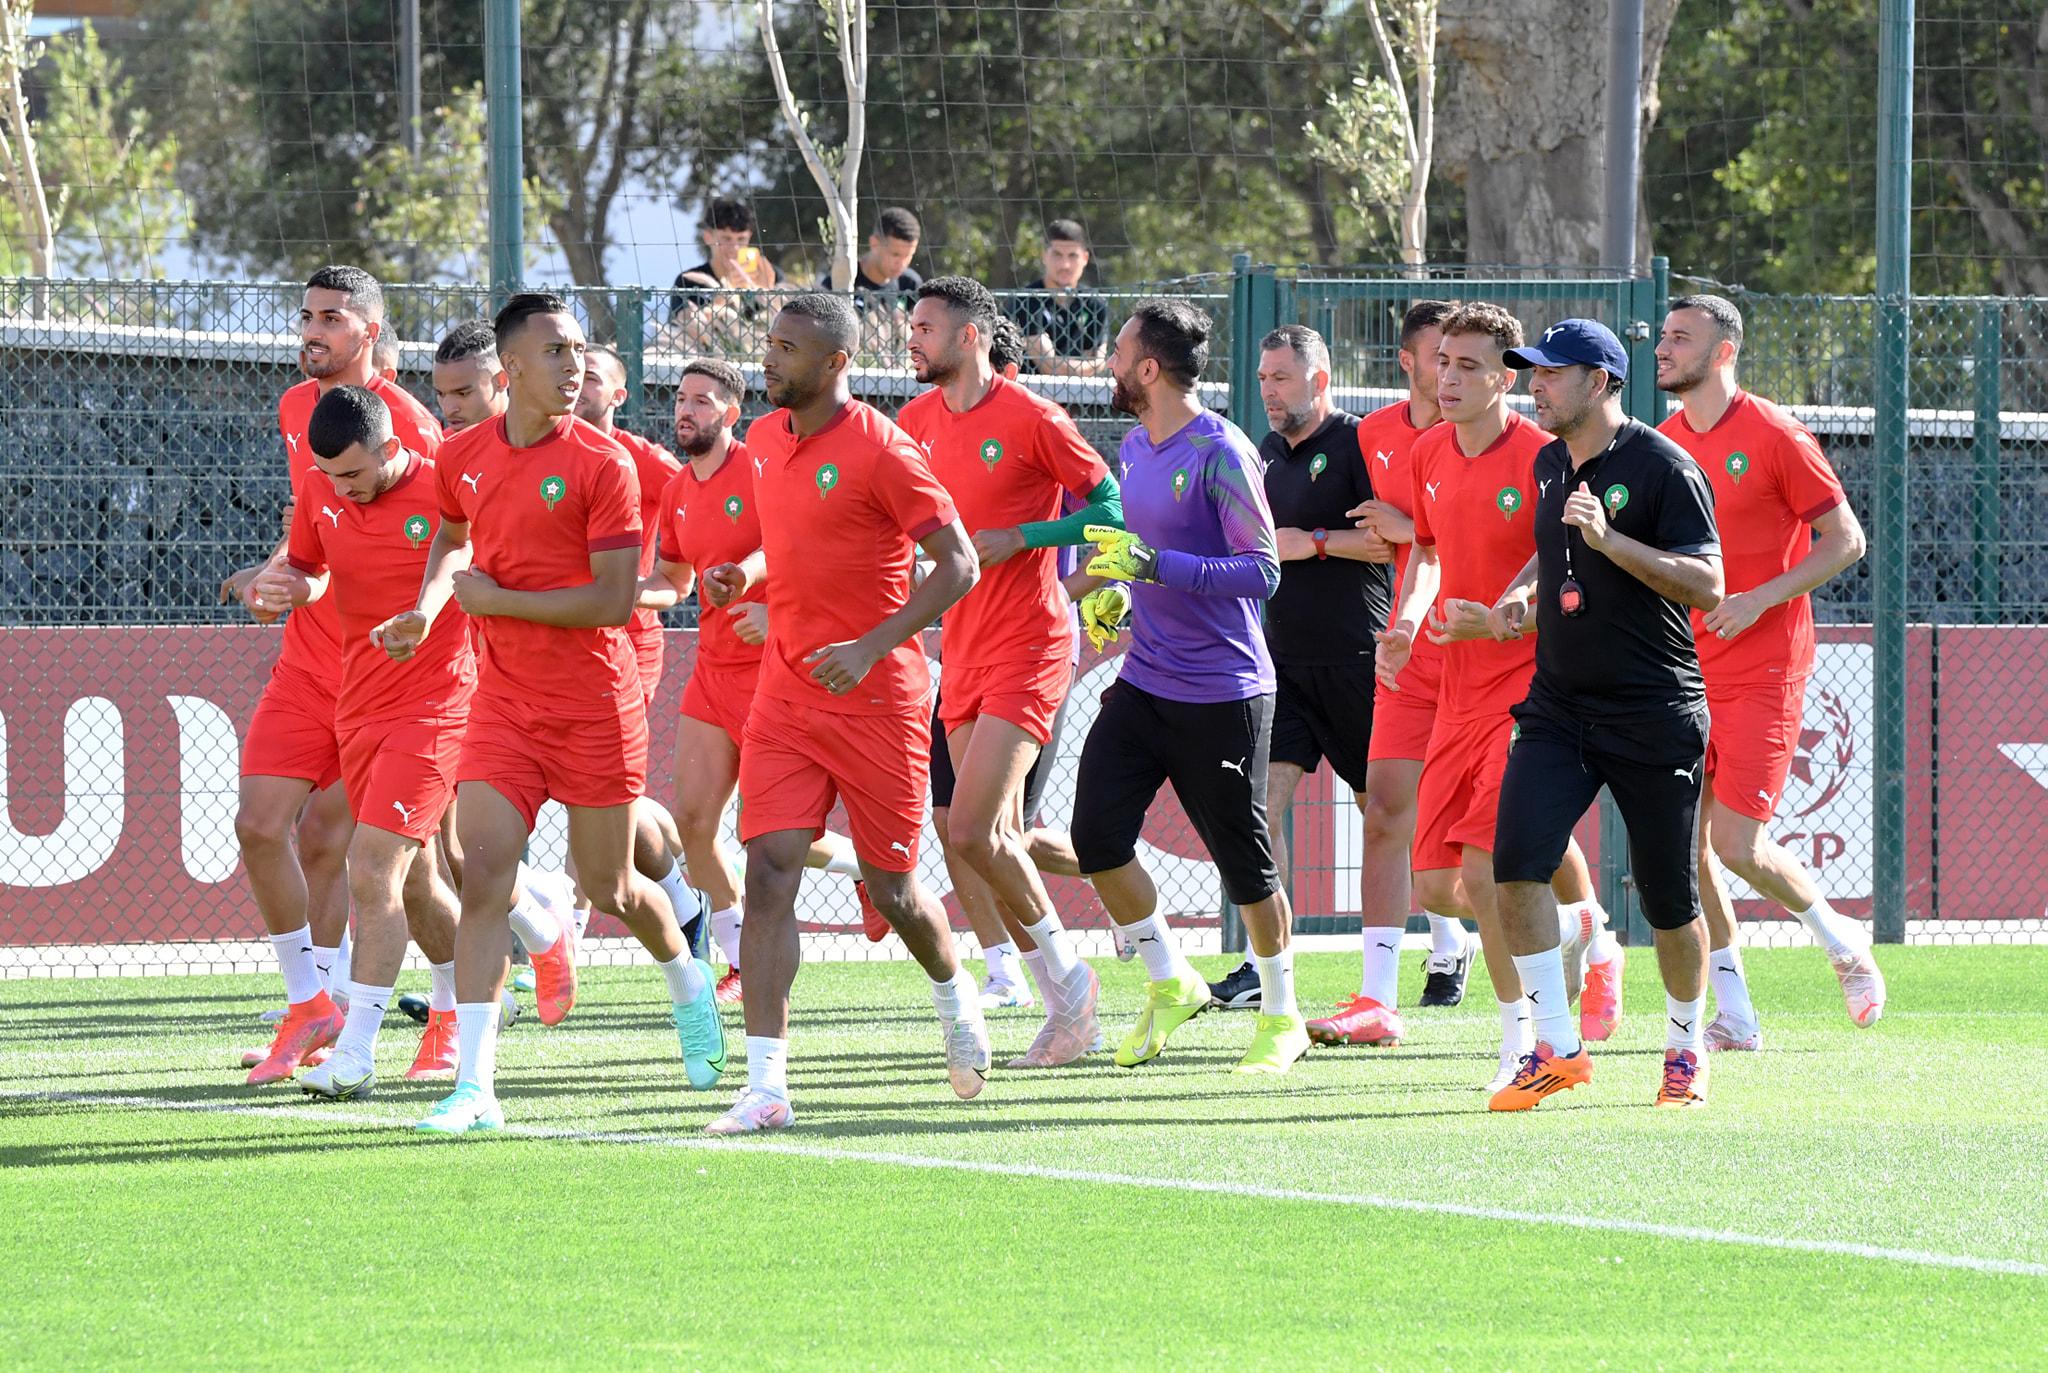 منتخب المغرب يجري آخر حصة تدريبية لمواجهة غانا